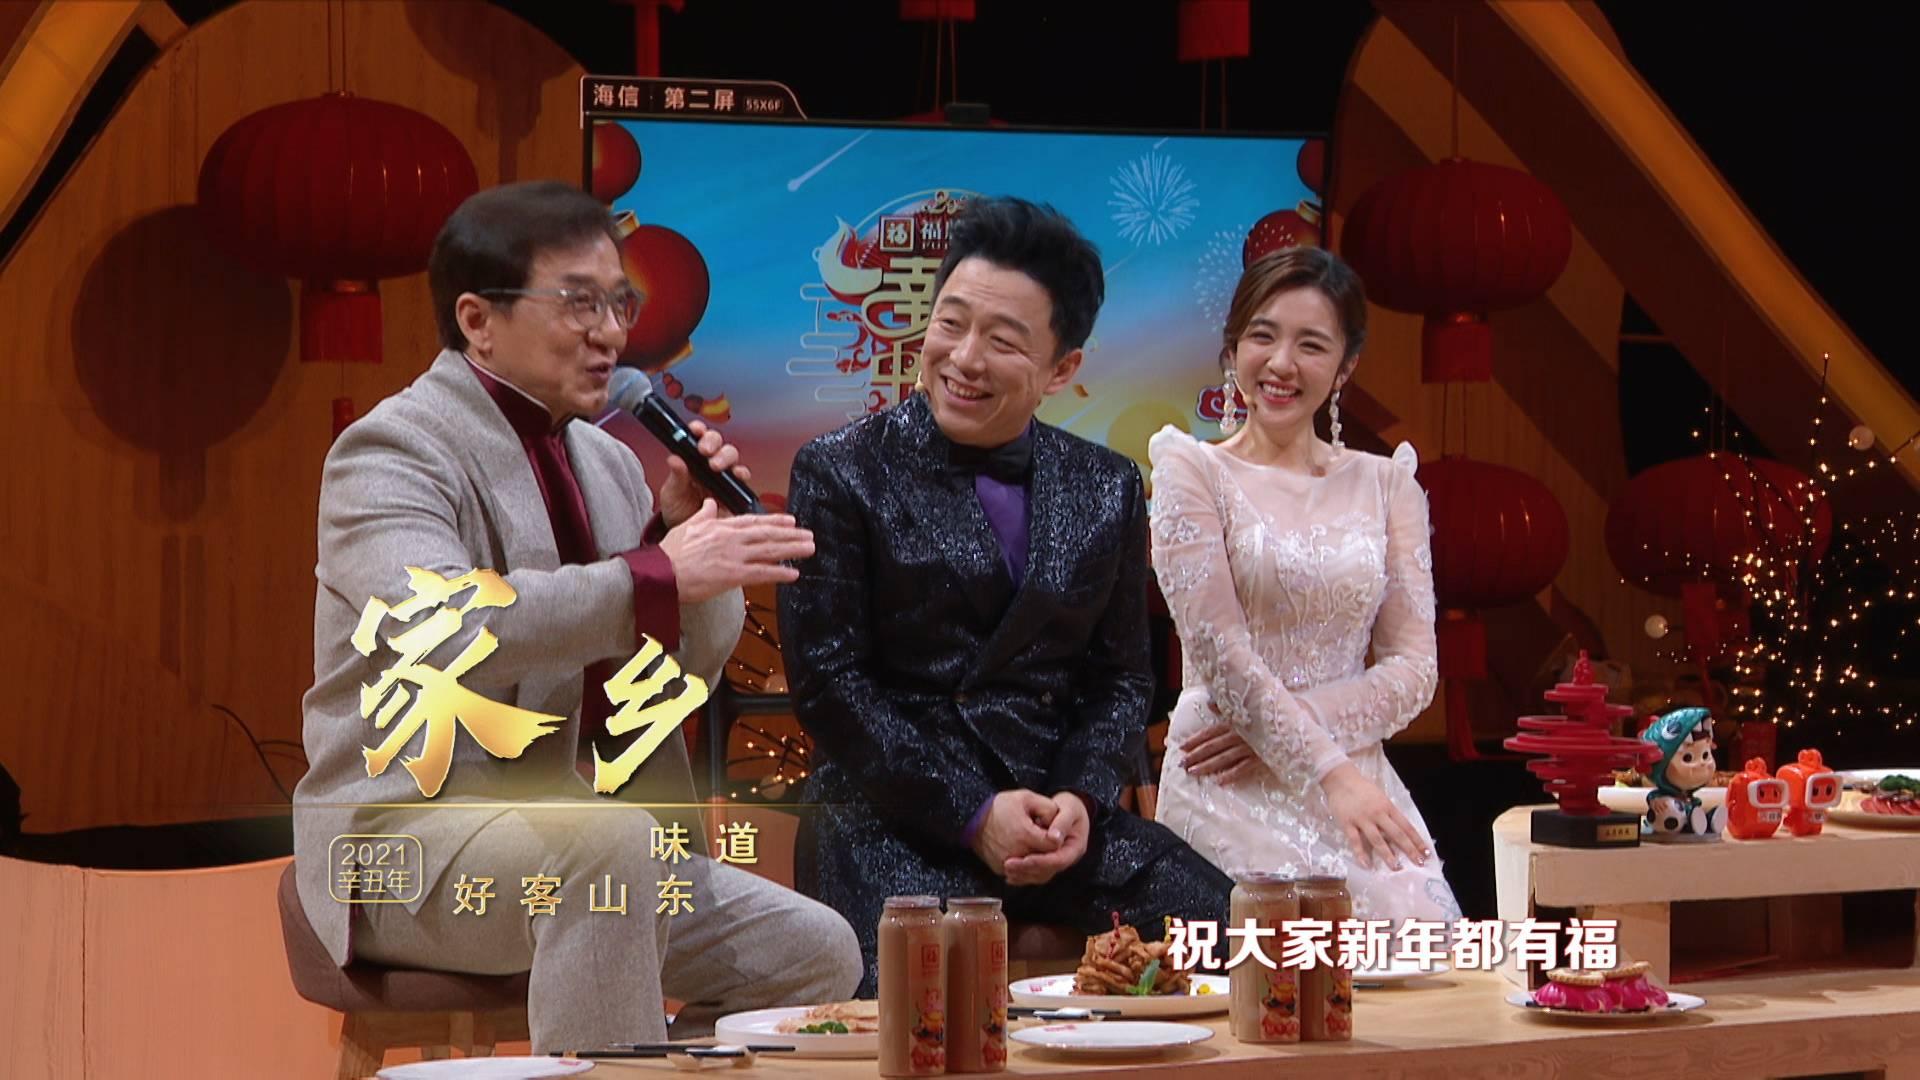 2021山东春晚|黄渤、冯巩、成龙喊你吃年夜饭啦!